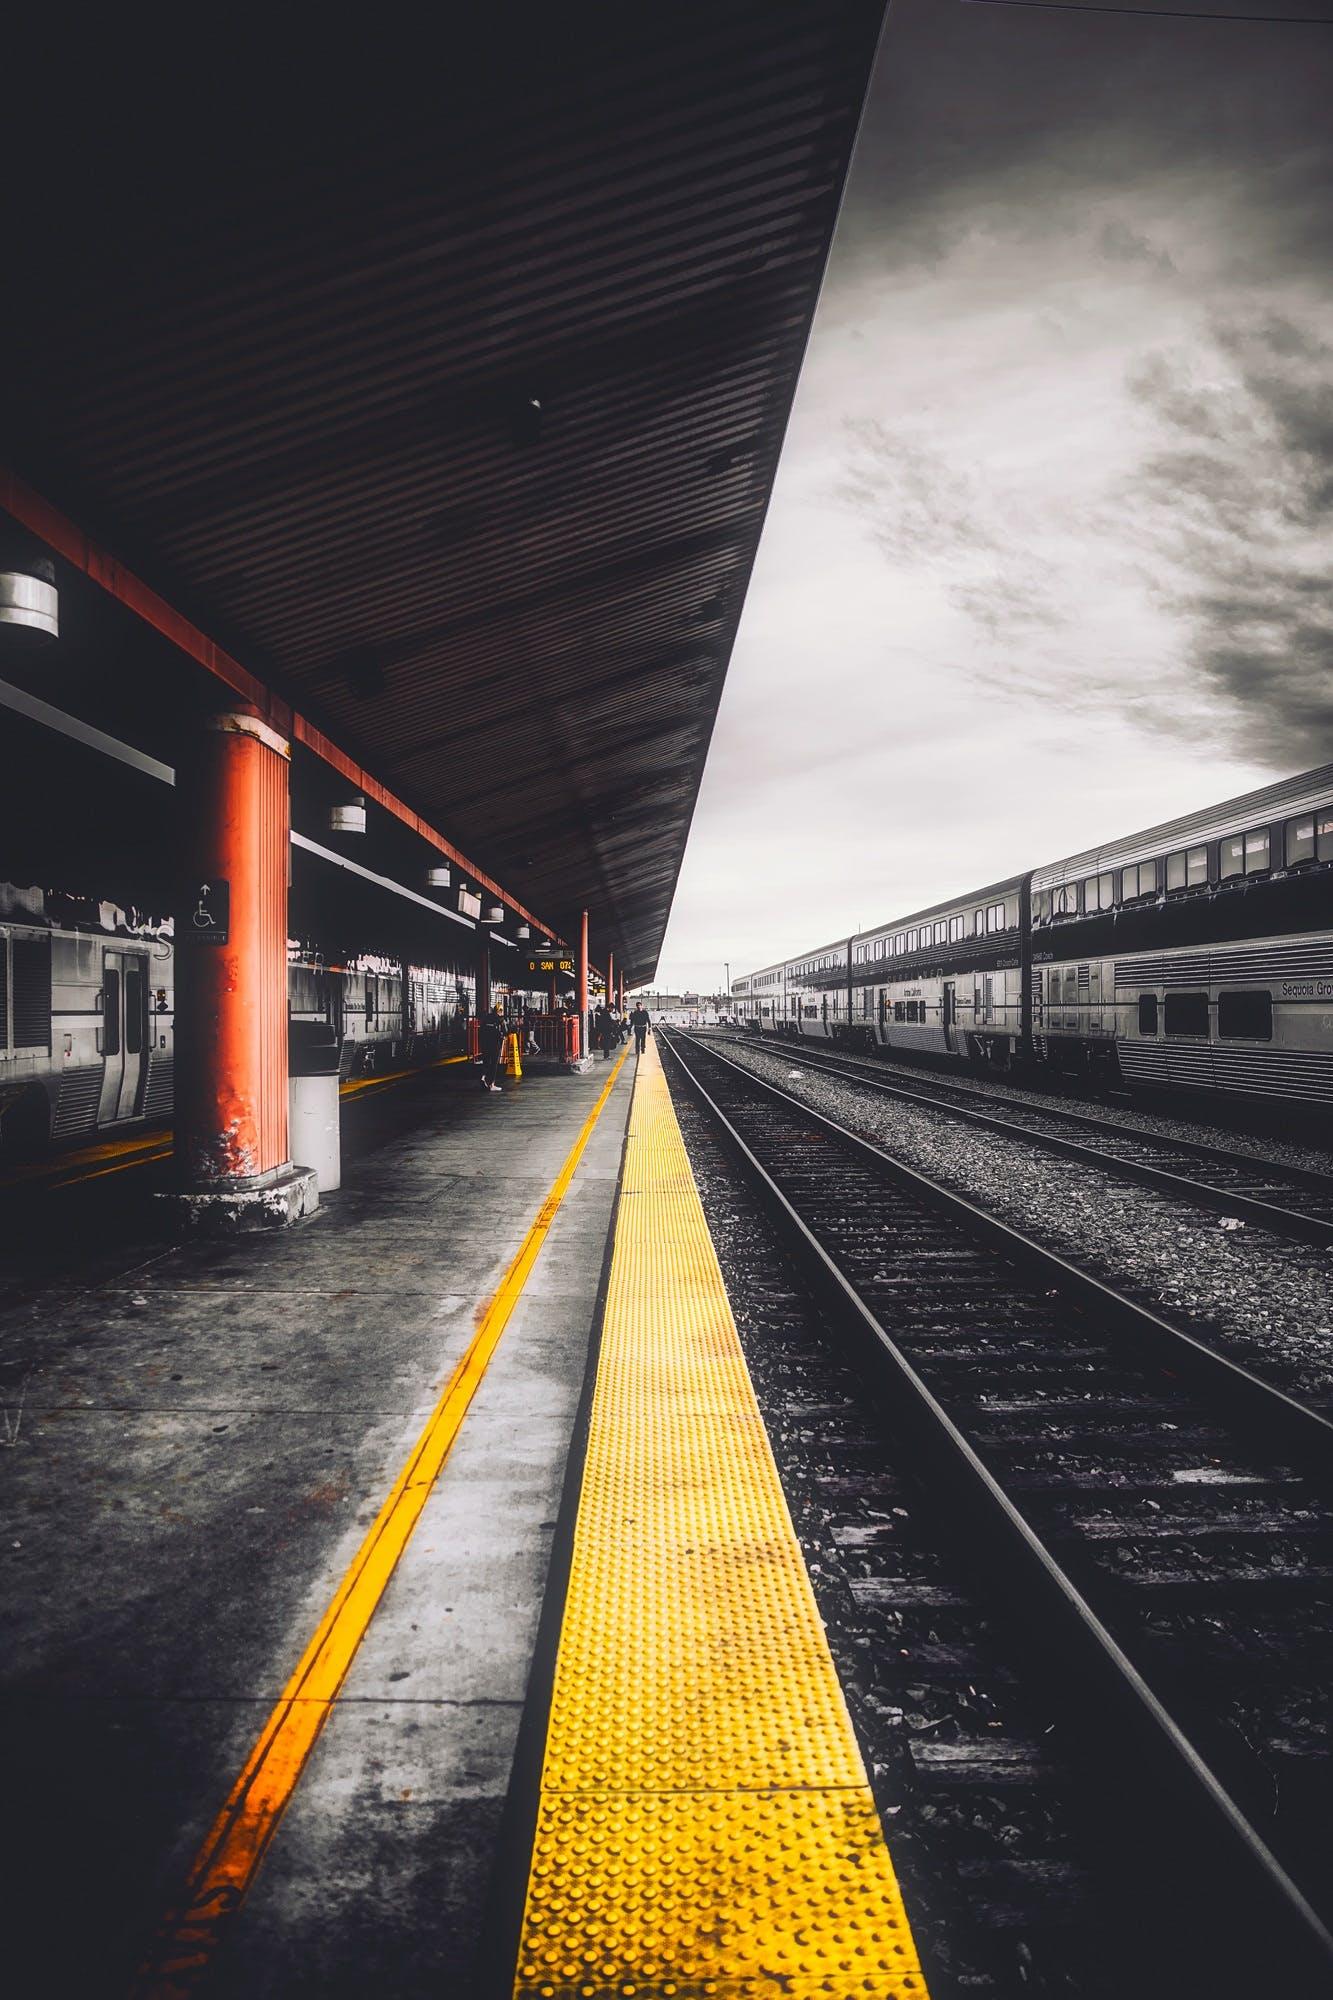 blur, city, clouds